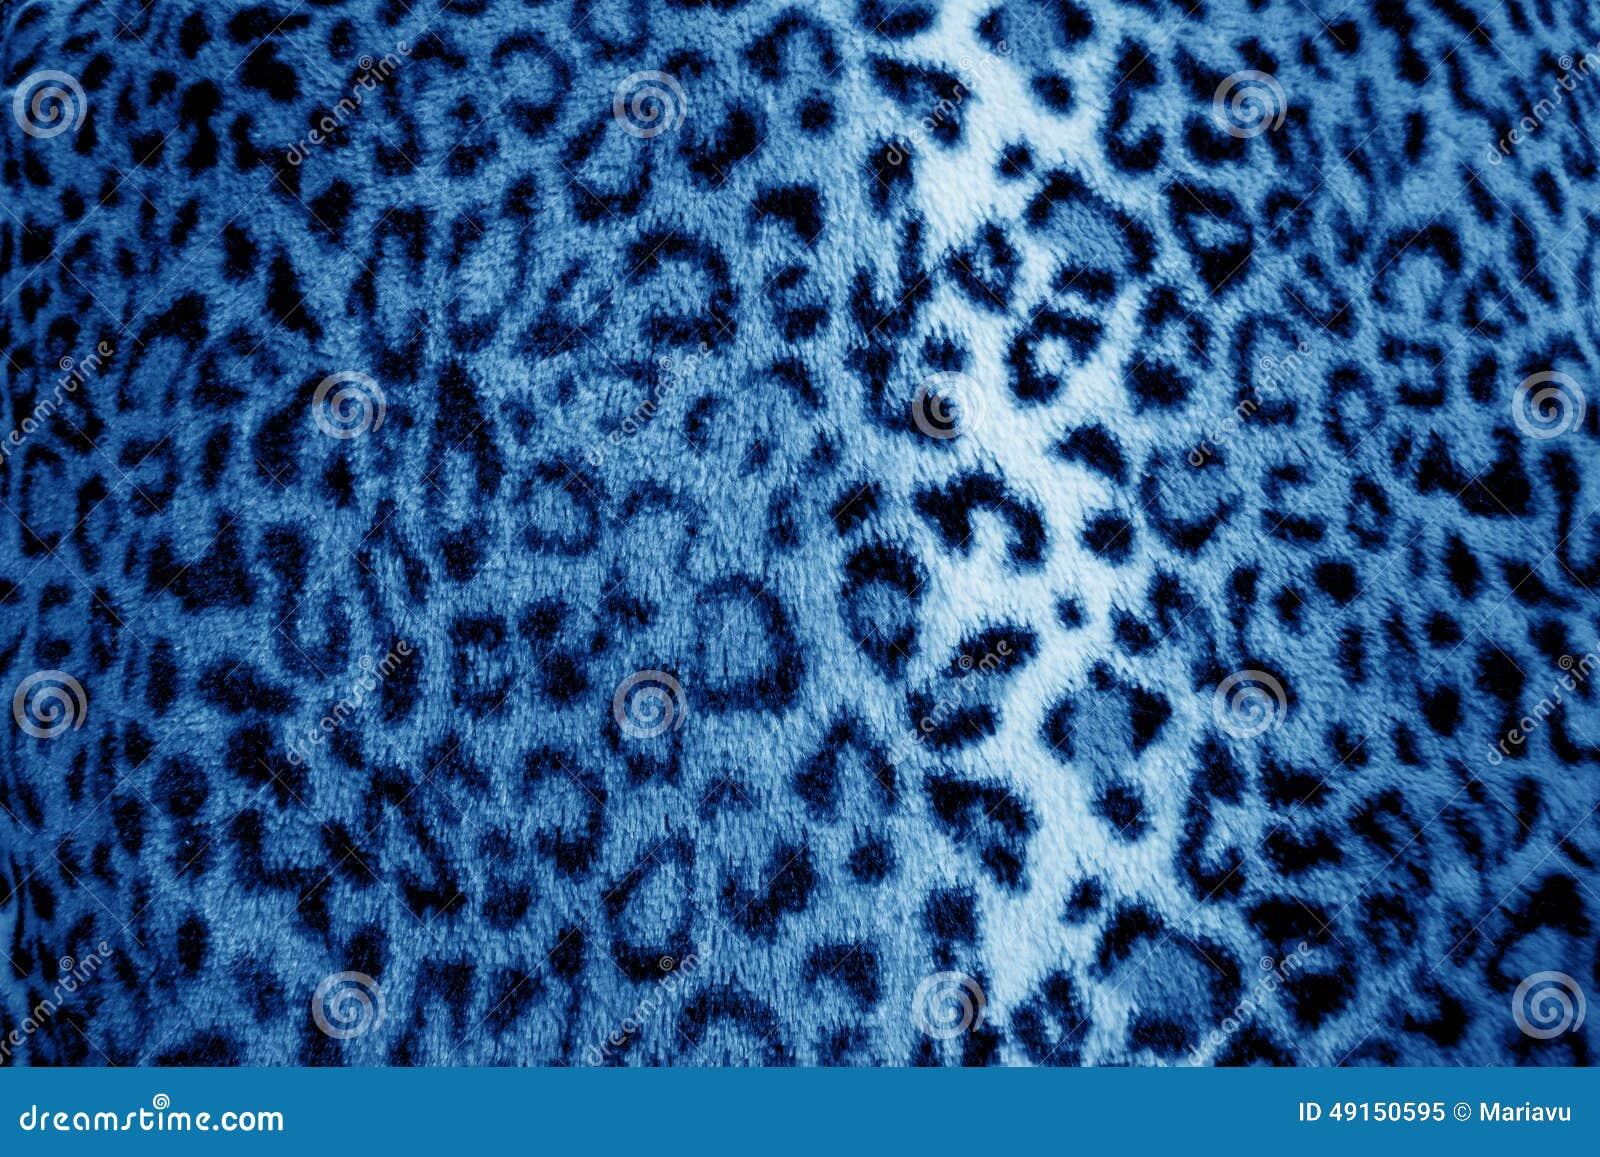 För tryckpäls för blå leopard djur modell - tyg